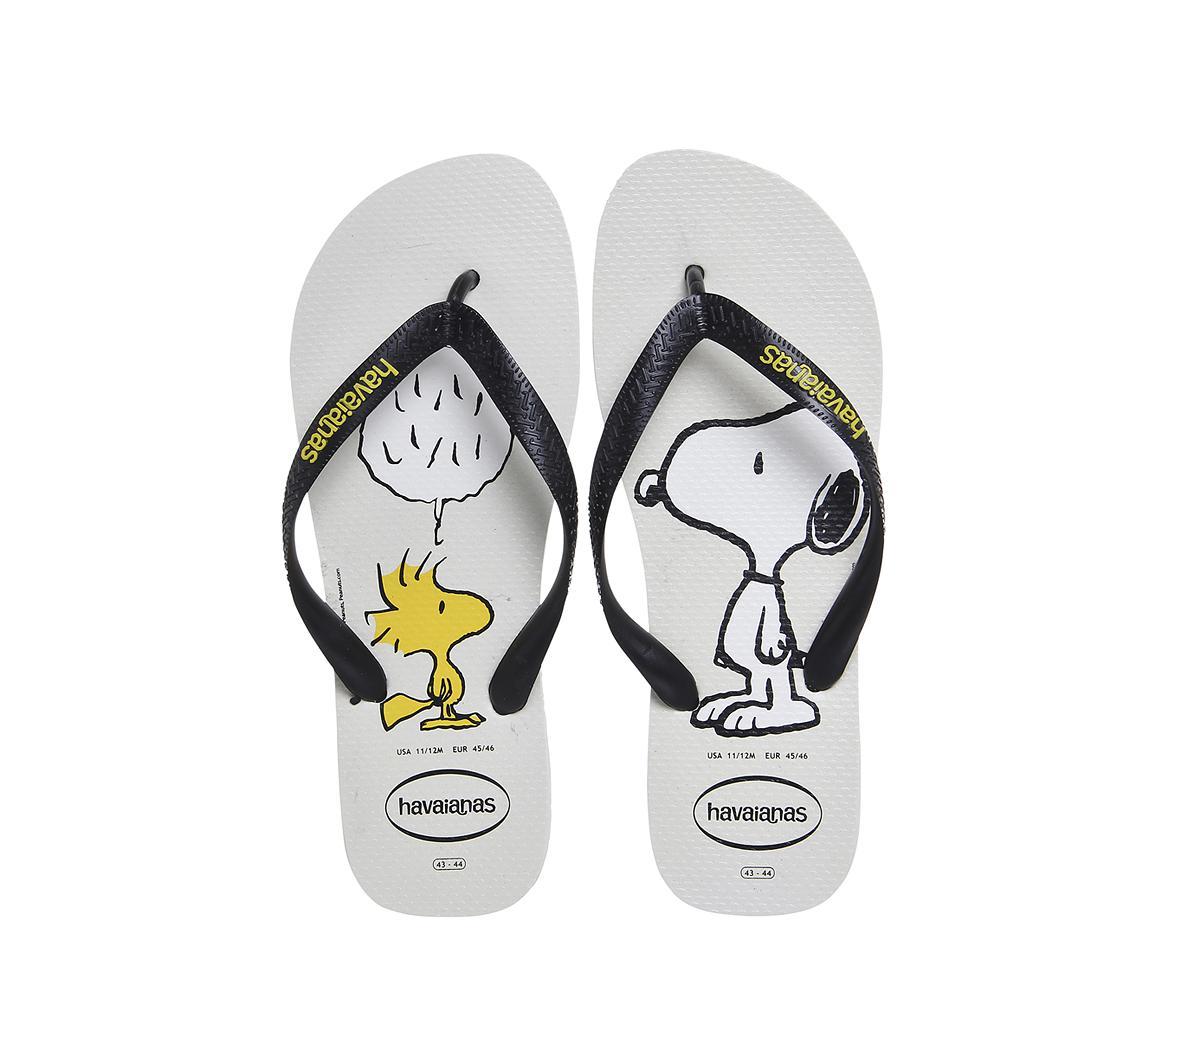 e2aeffd6b460a Lyst - Havaianas Snoopy Flip Flop in Black for Men